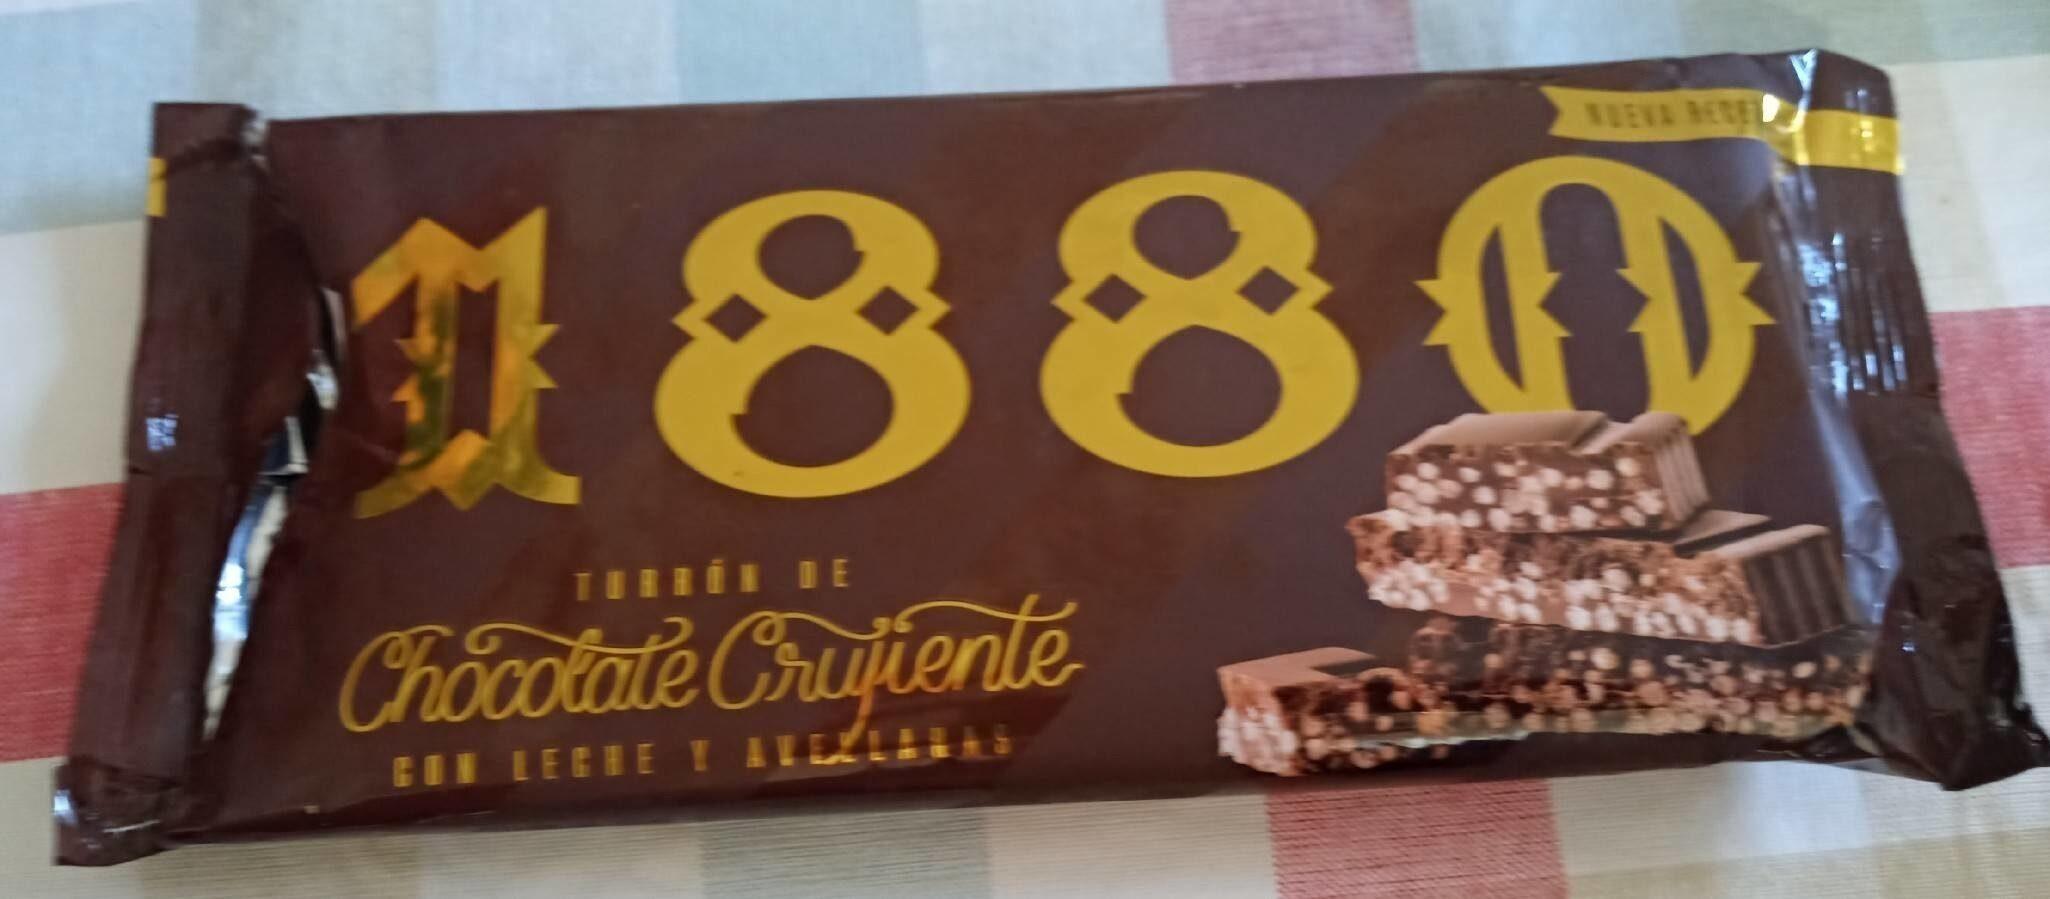 Turrón de chocolate crujiente con leche y avellanas - Produit - es